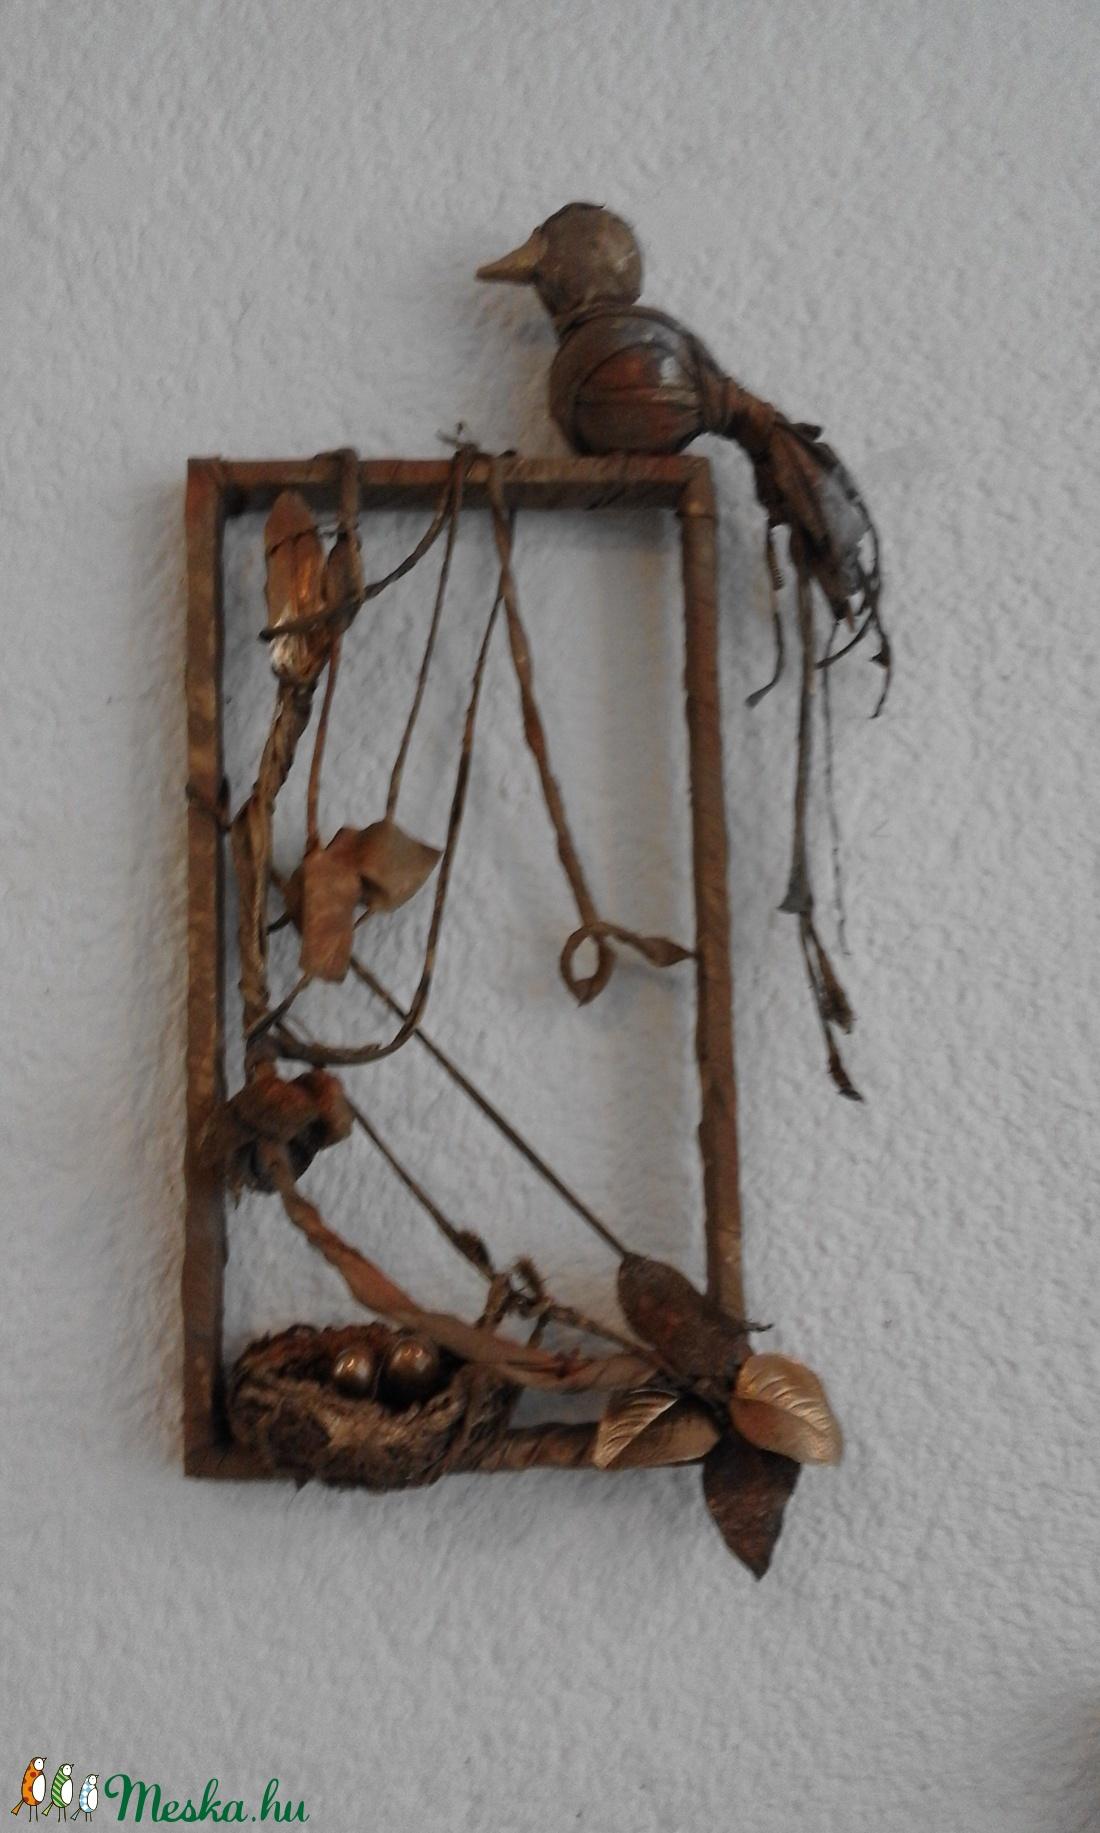 Fészkét őrző madár  (Georgina09) - Meska.hu